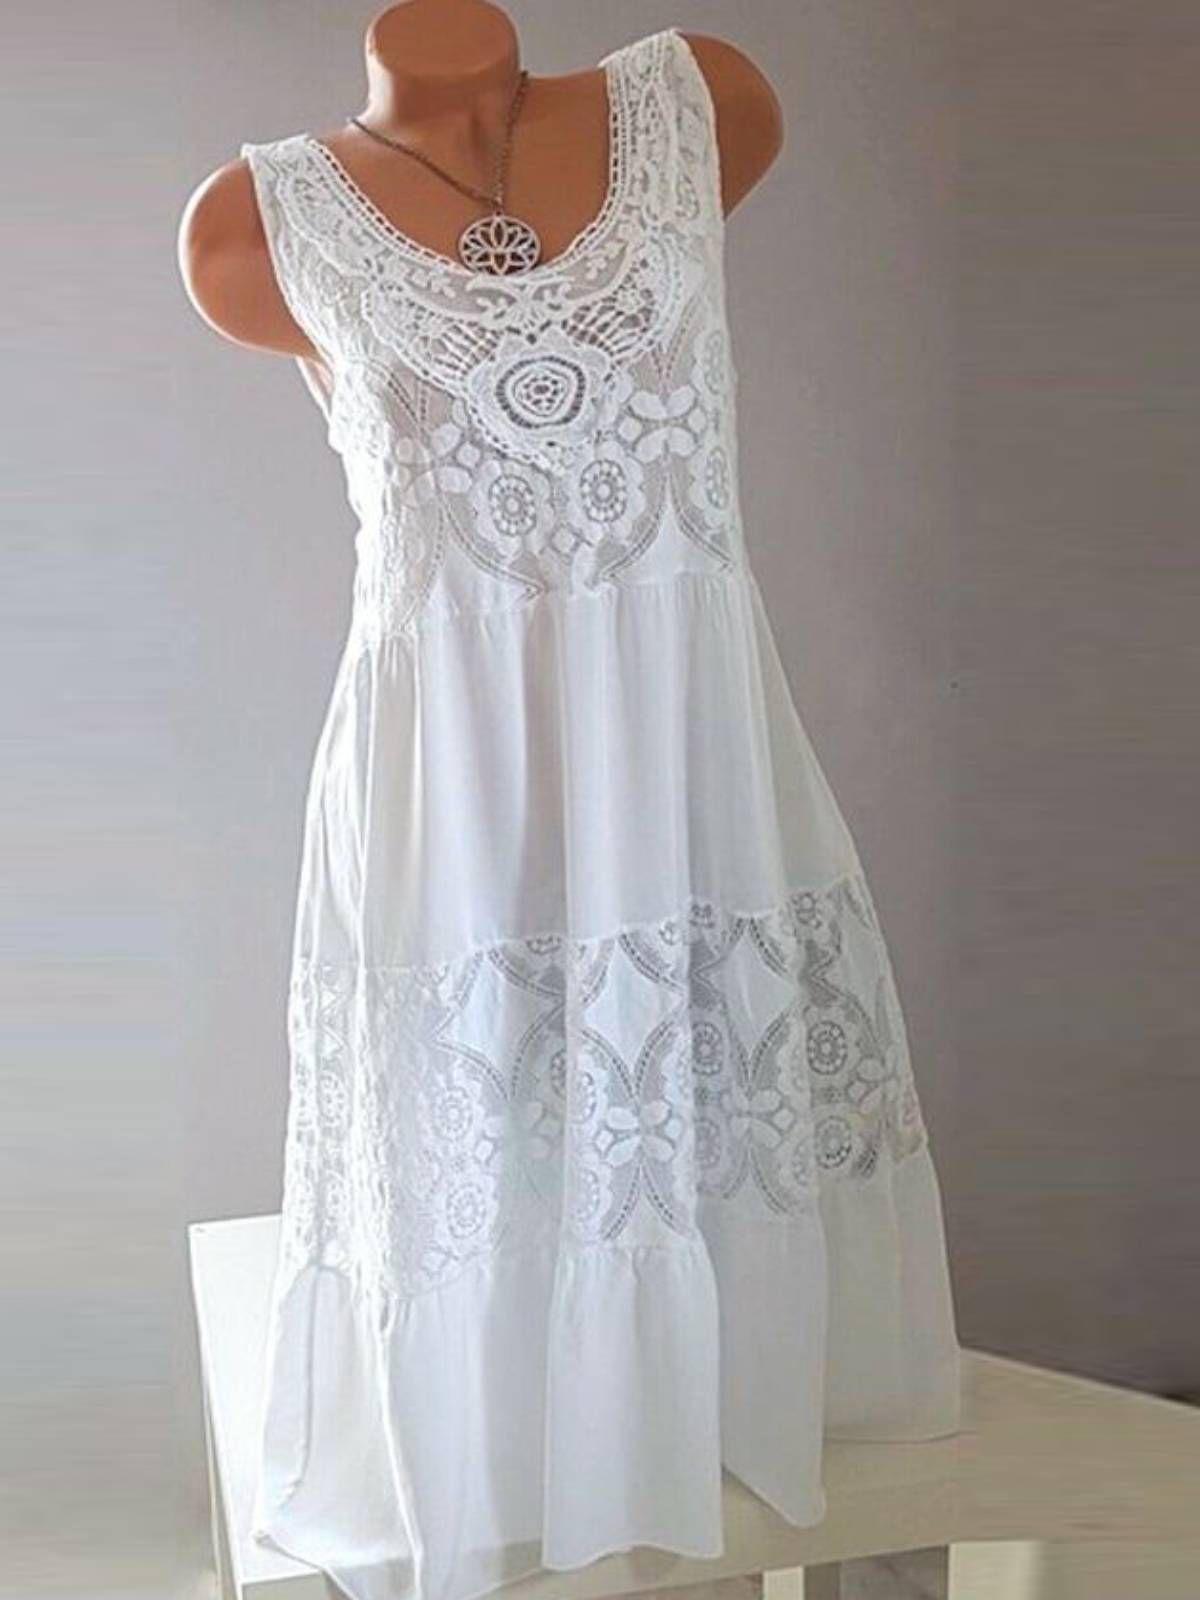 White Cotton Sleeveless Dresses Plus Size Summer Dresses Lace Midi Dress Sleeveless Cotton Dress [ 1600 x 1200 Pixel ]